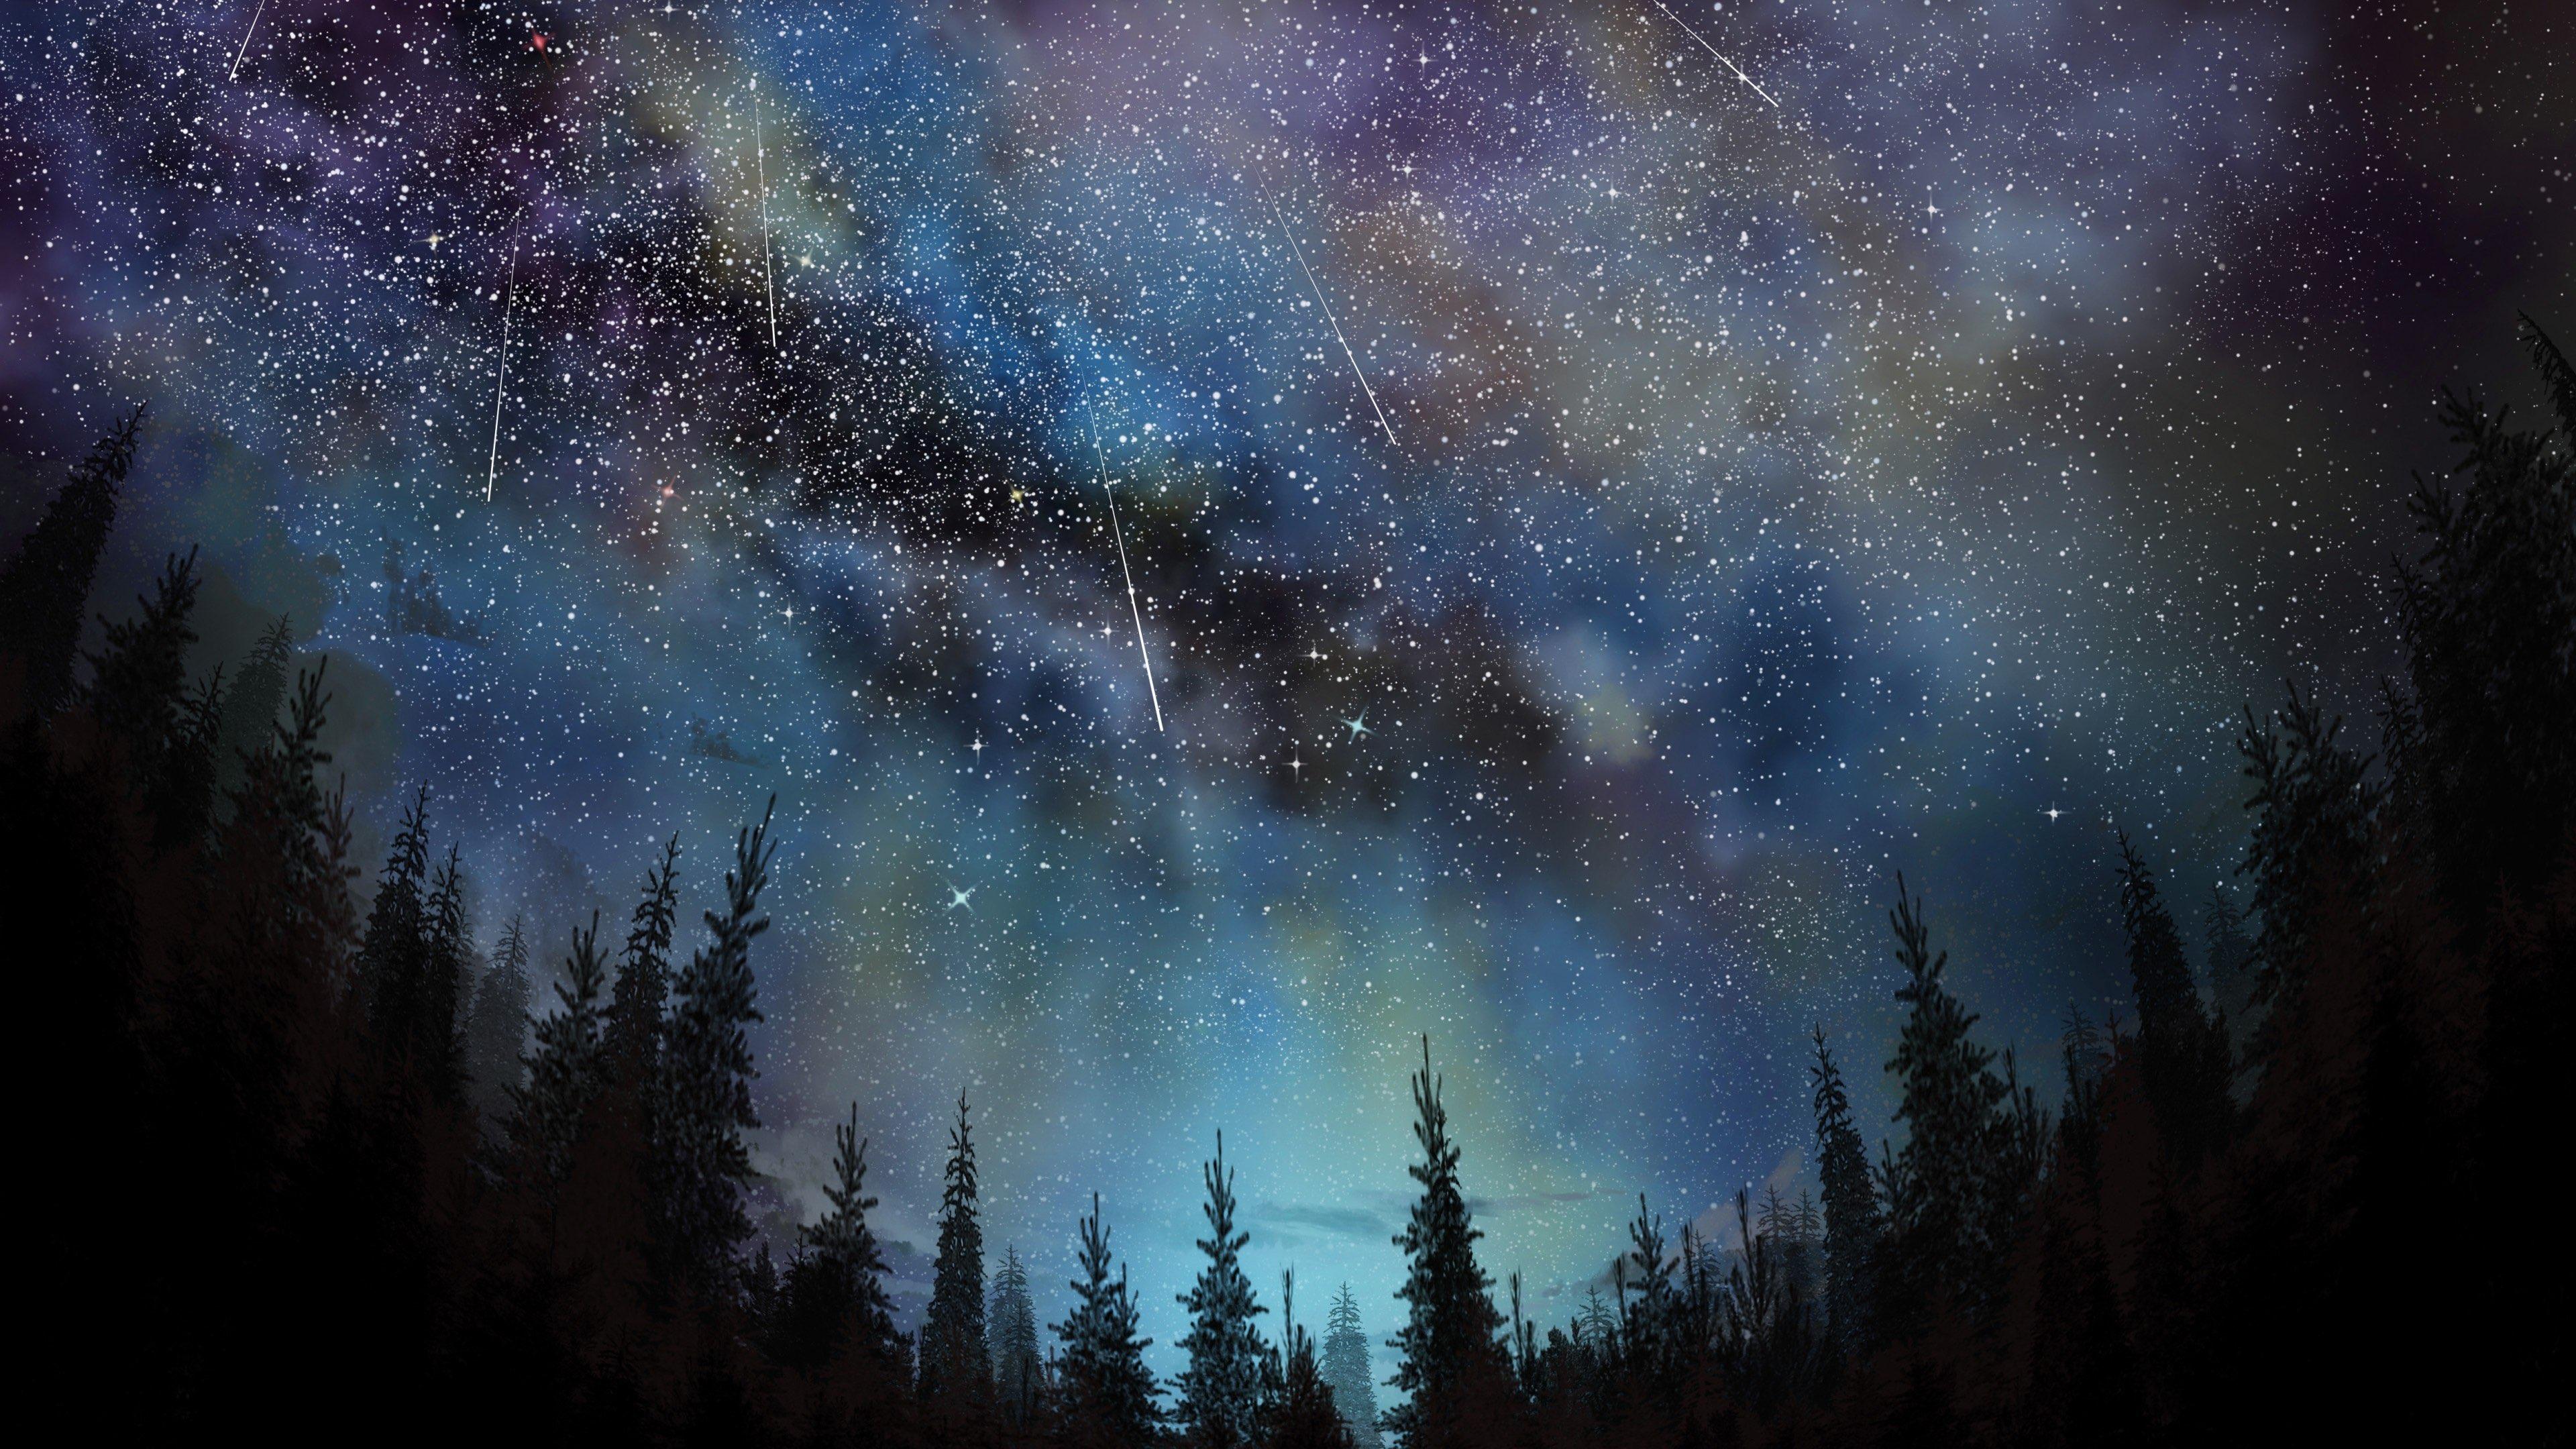 ConstellationClan